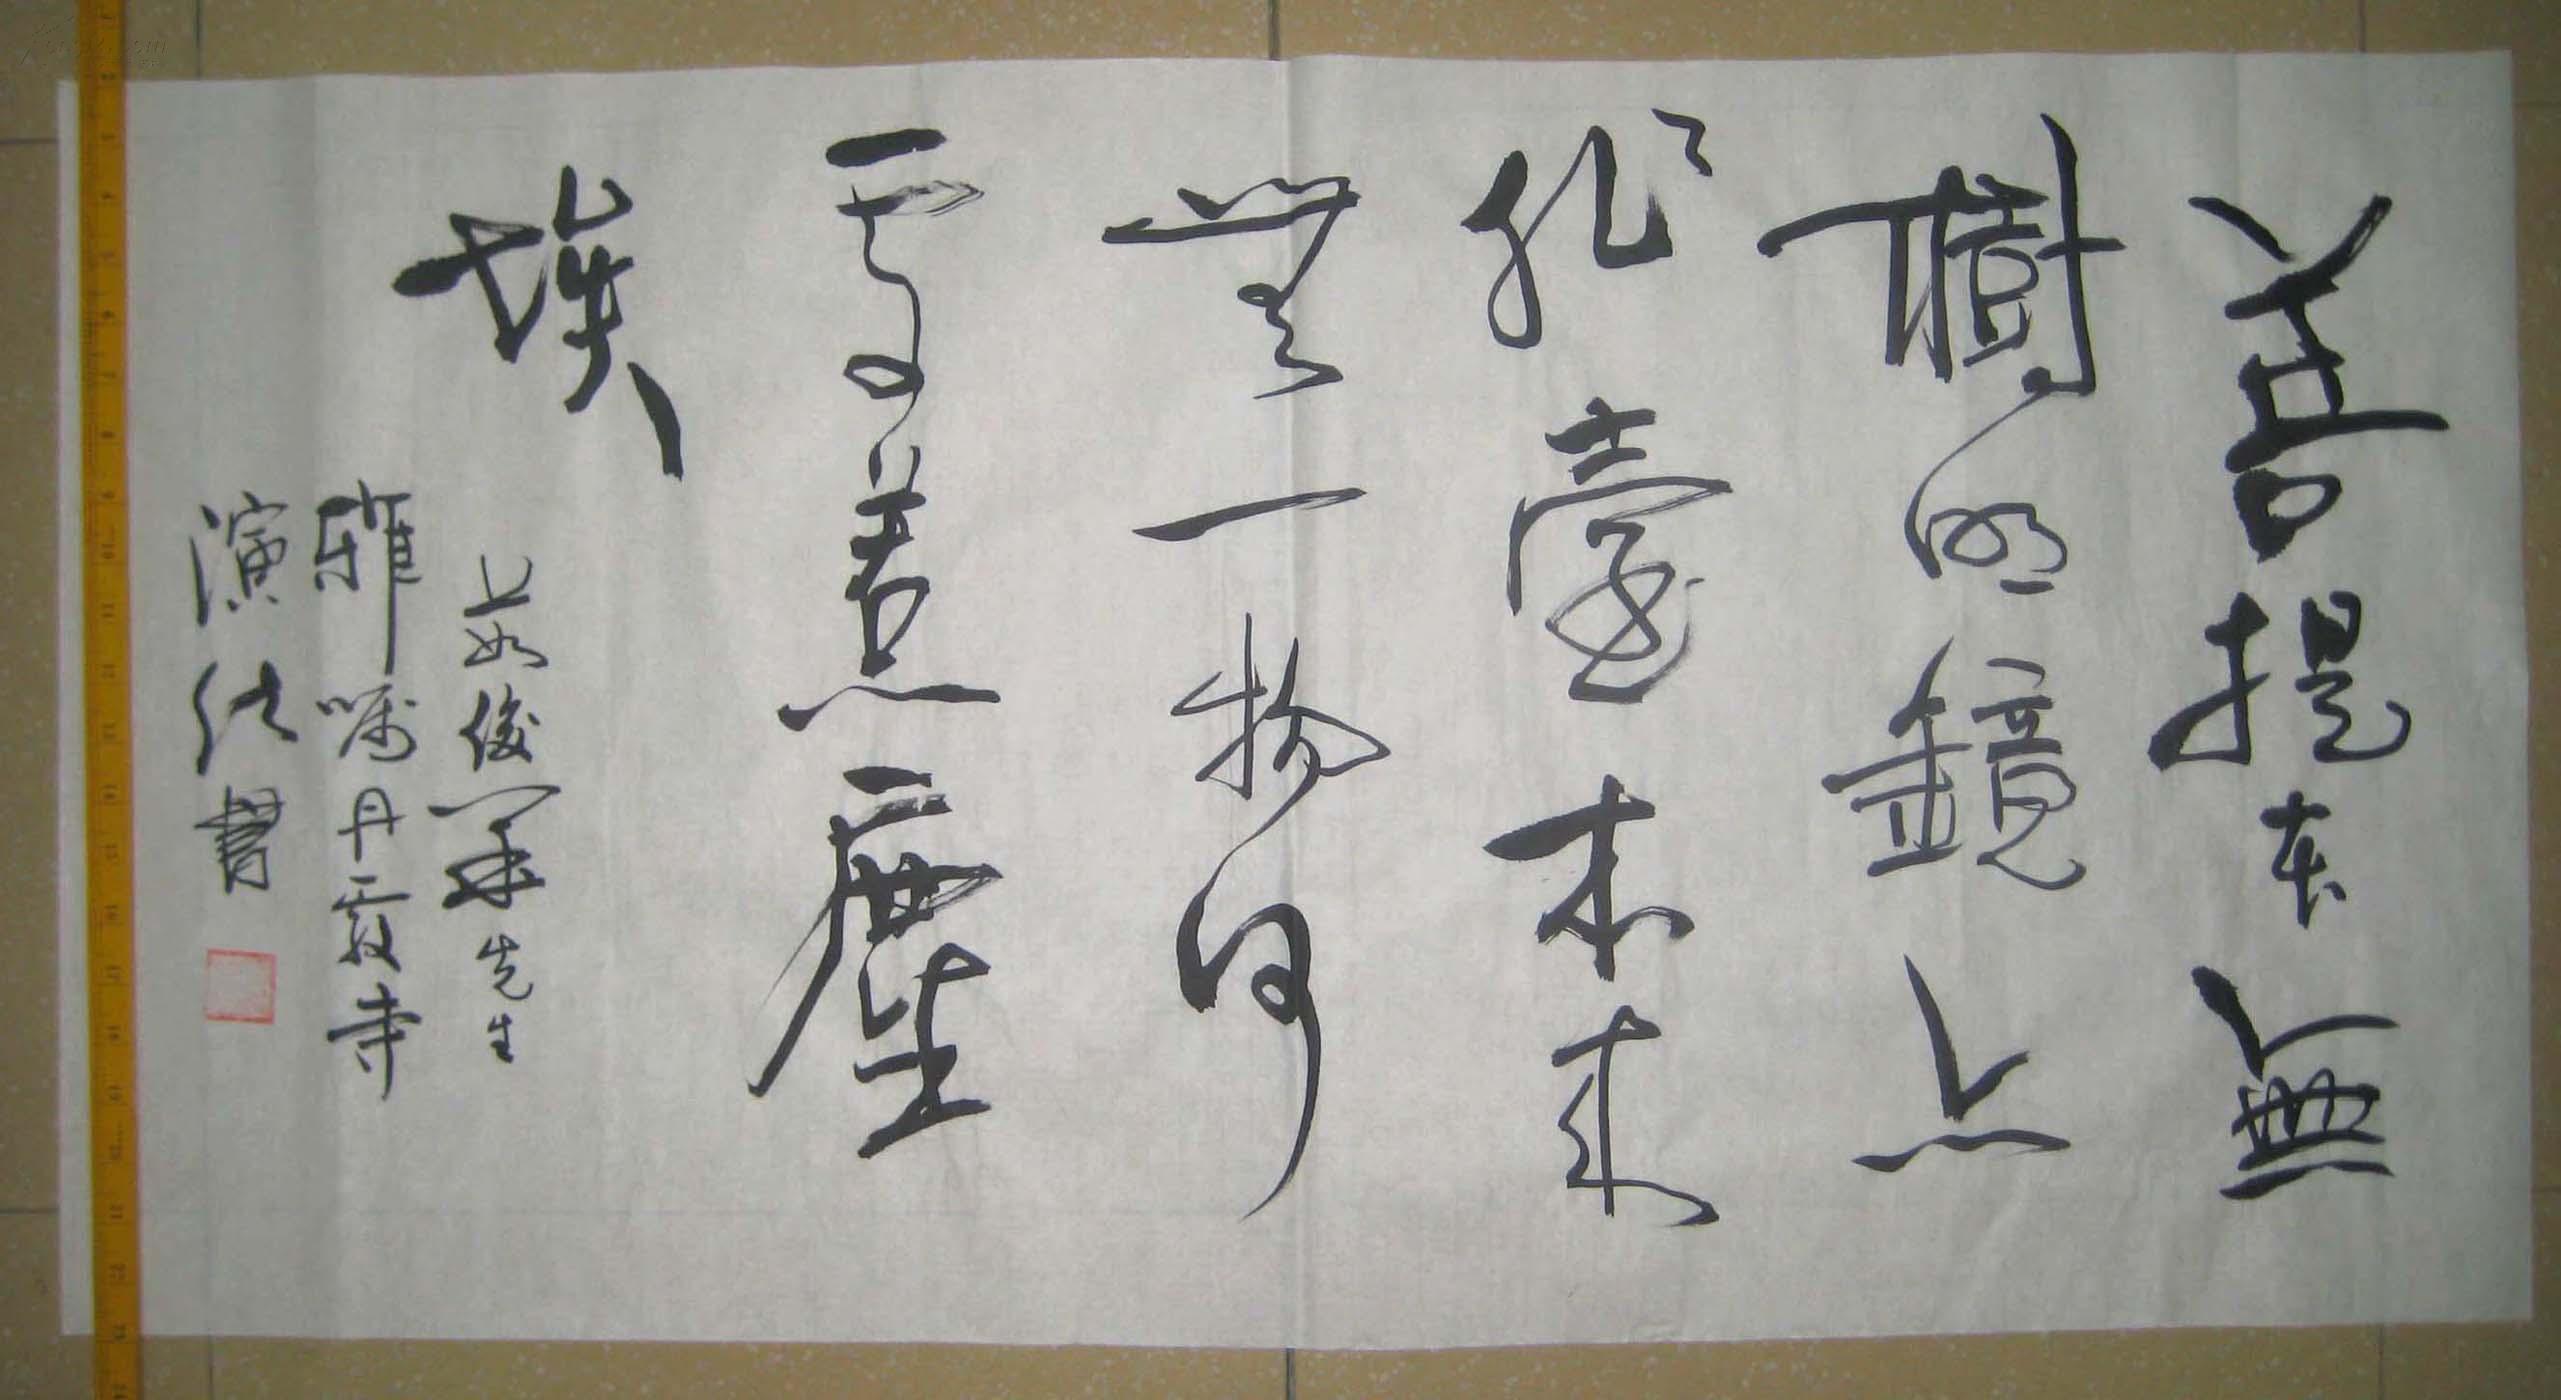 河南南阳佛教协会副会长丹霞寺主持释演法书法-----禅宗六祖慧能偈语:菩提本无树,明镜亦非台